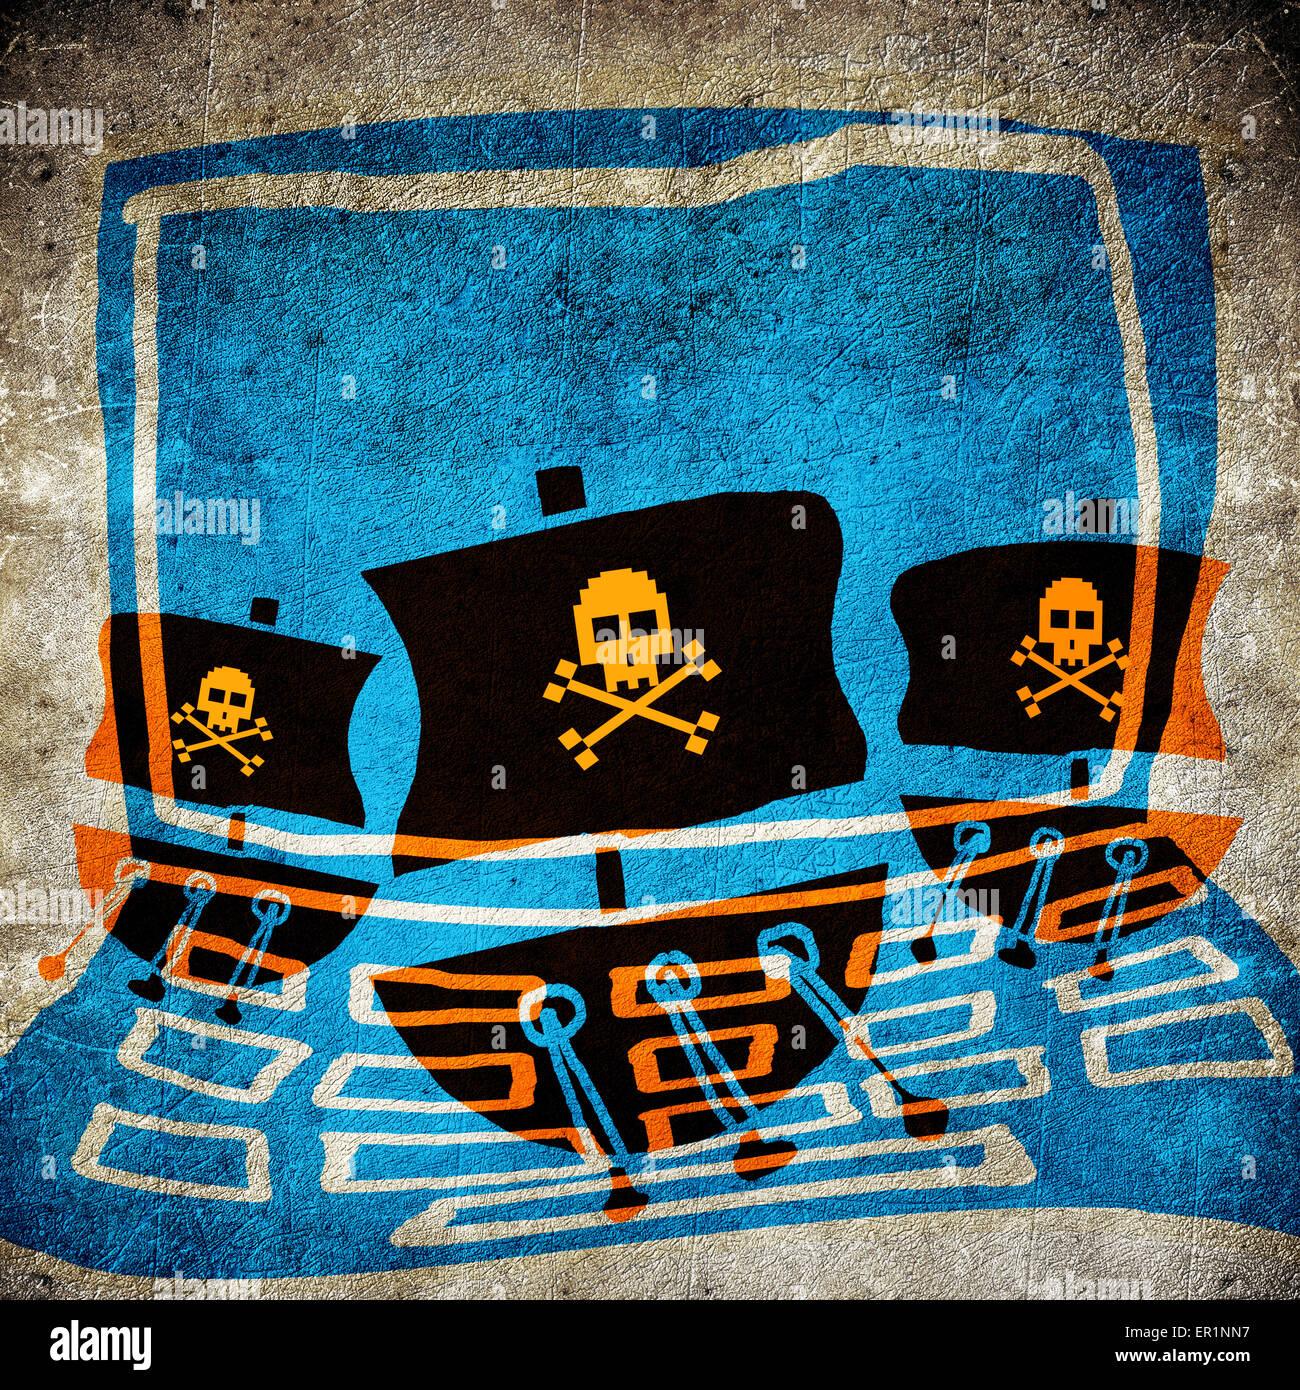 Il pirata informatico concetto illustrazione digitale Immagini Stock